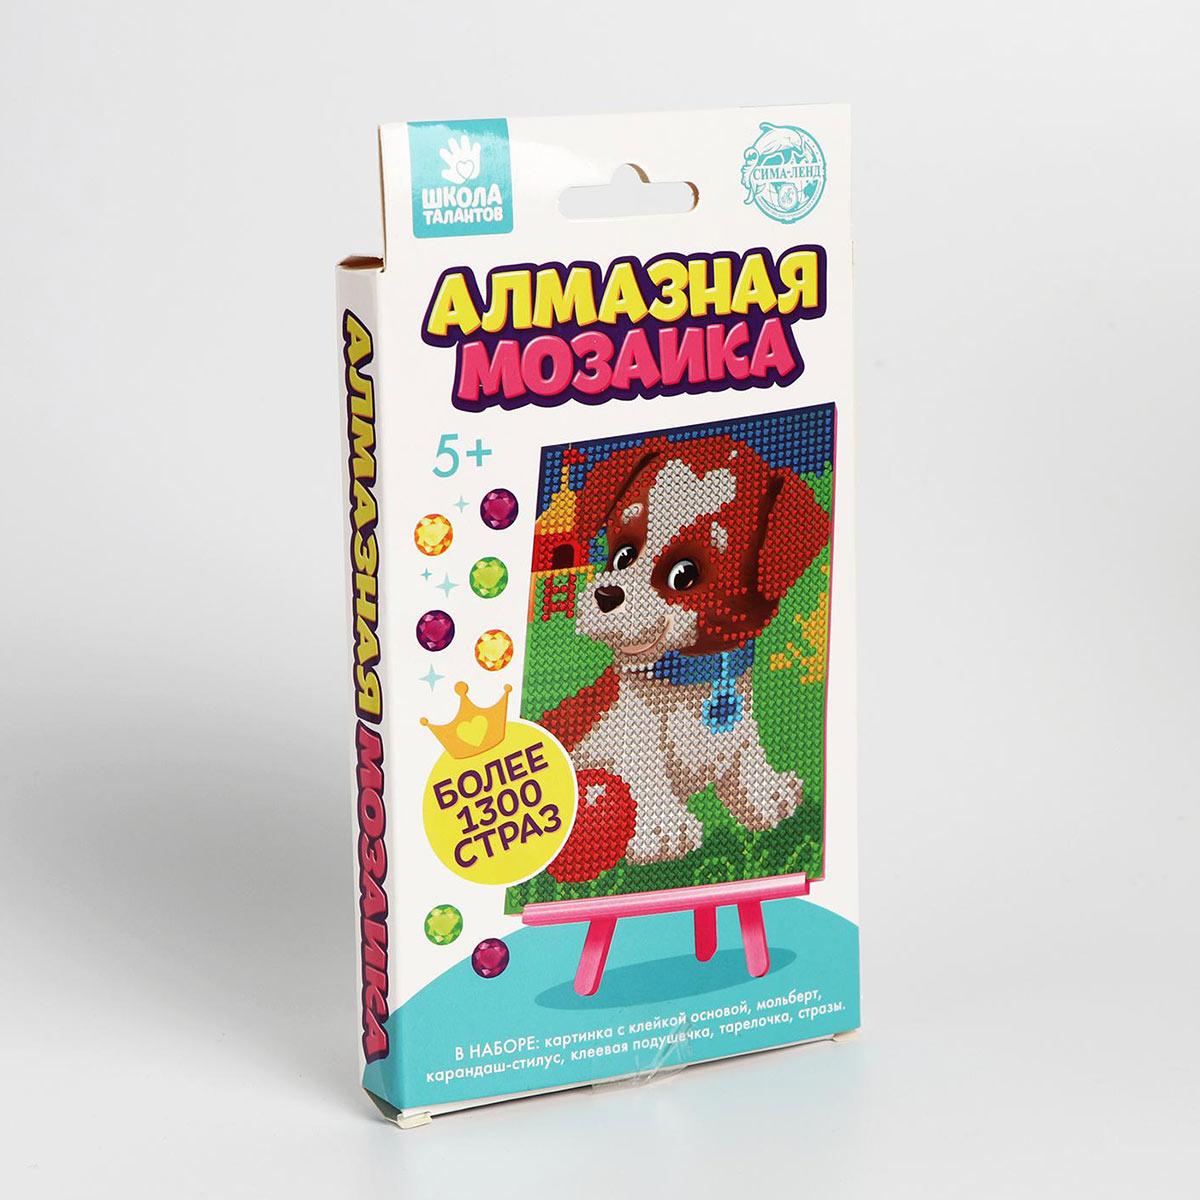 5094455 Алмазная мозаика для детей 'Веселая собачка' + емкость, стержень с клеевой подушечкой